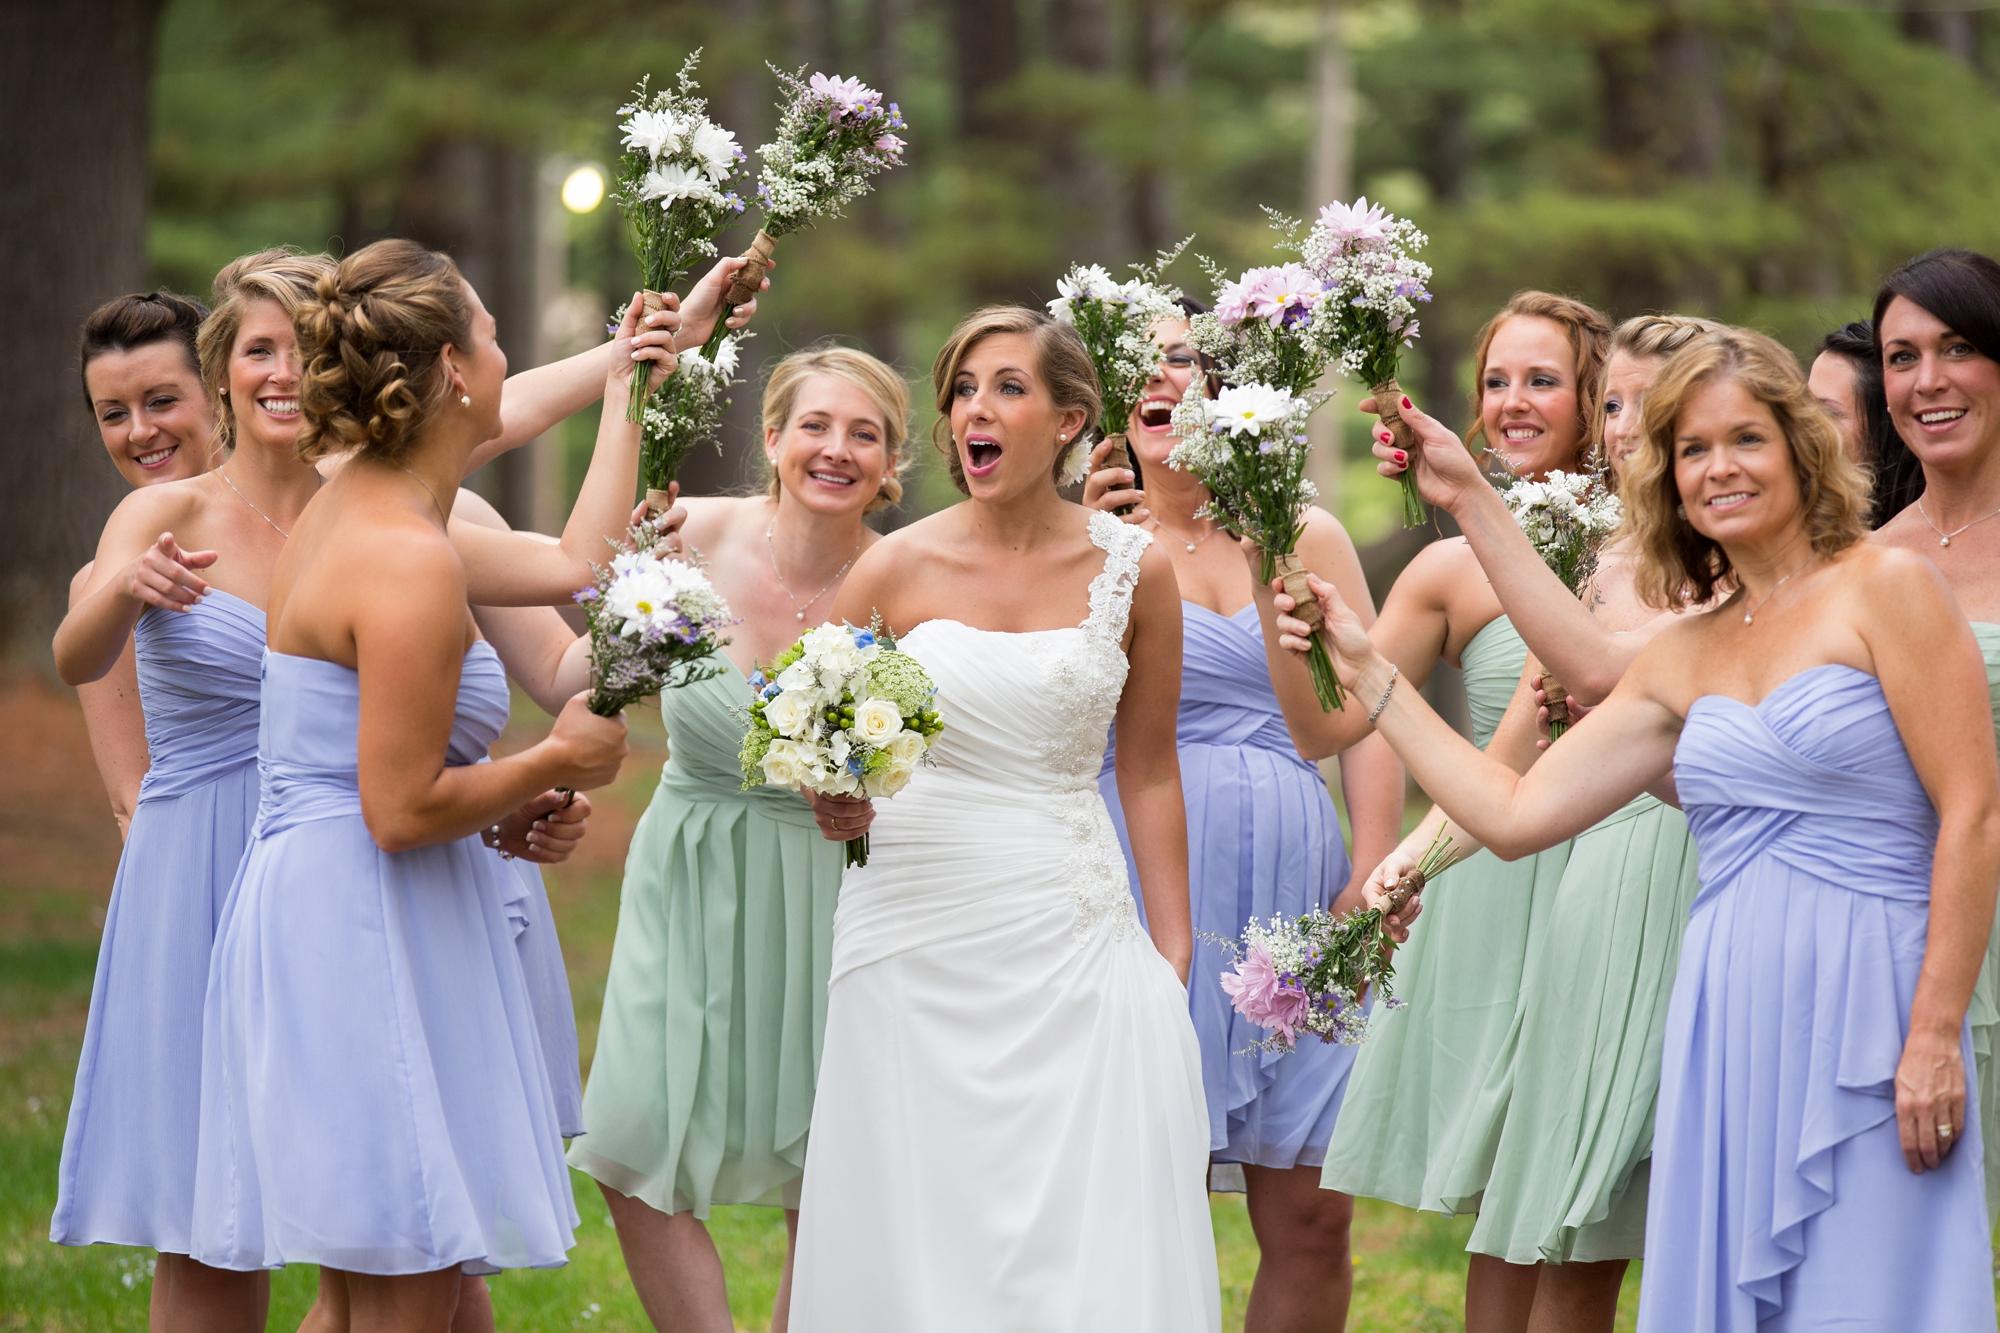 Albany NY Wedding Photographer Justin Tibbitts Photography 2014 Best of Albany NY Weddings-4706179